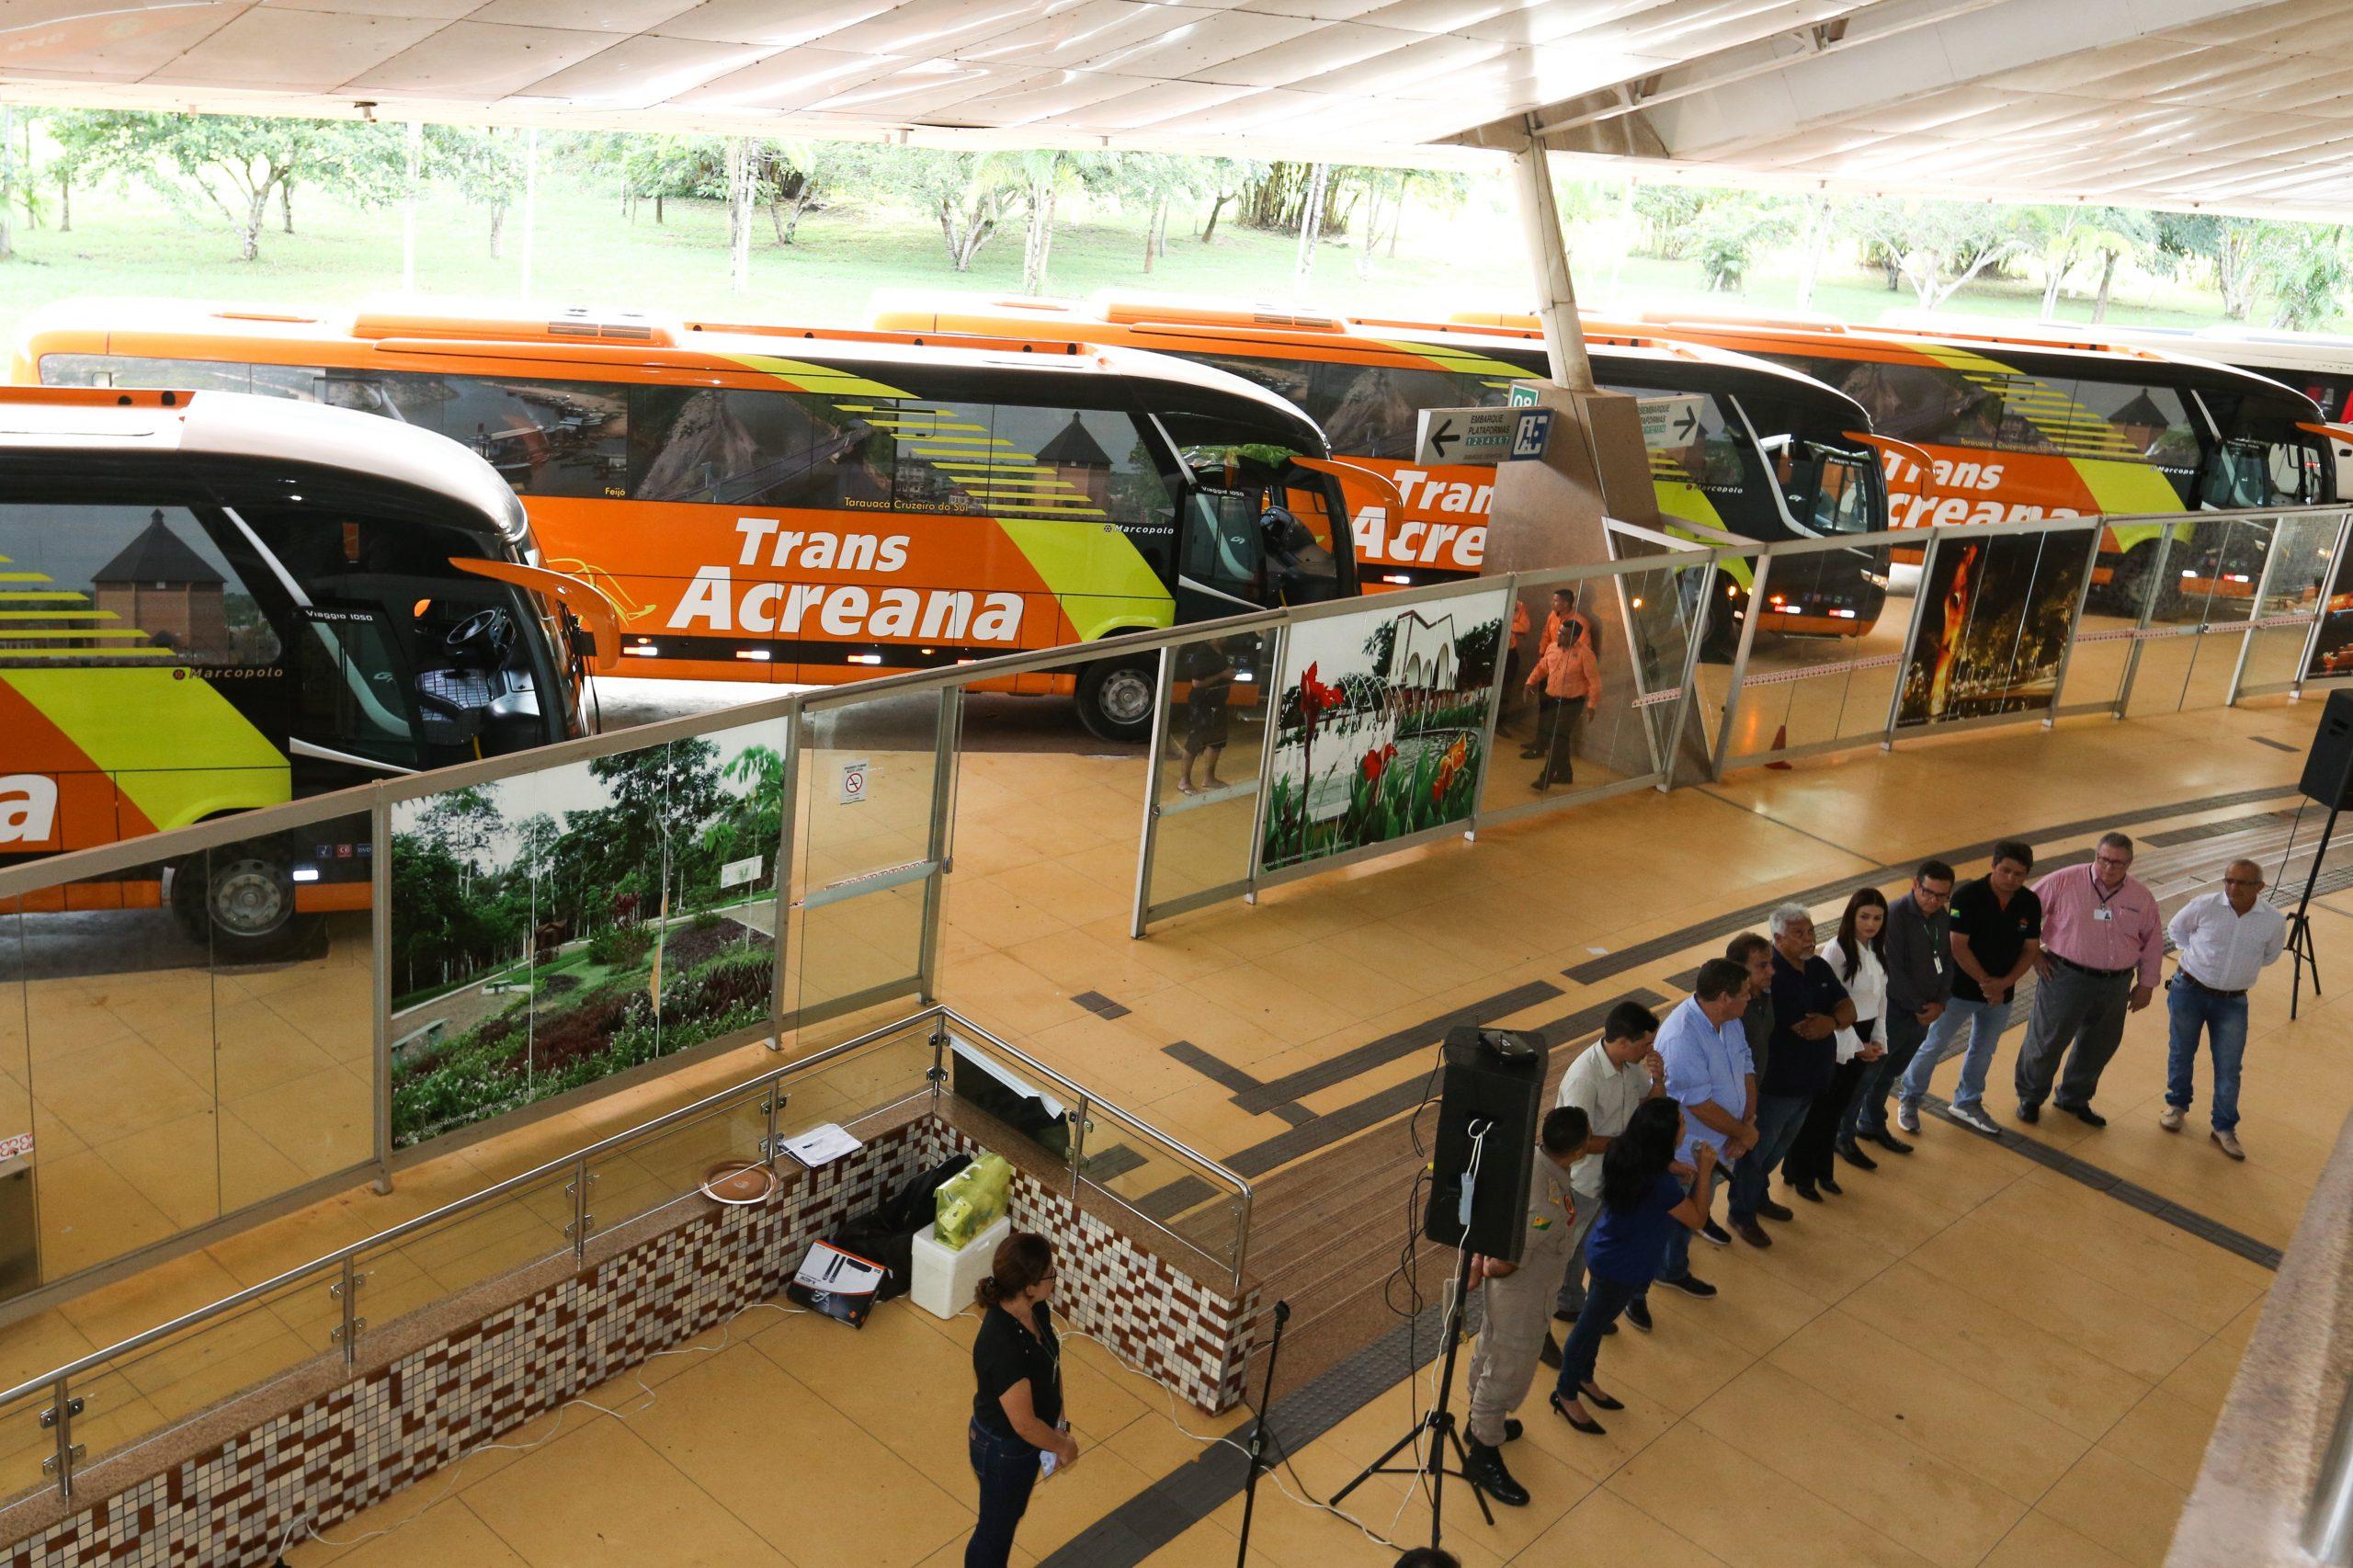 Empresa acreana apresenta cinco novos ônibus e anuncia início de rotas internacionais